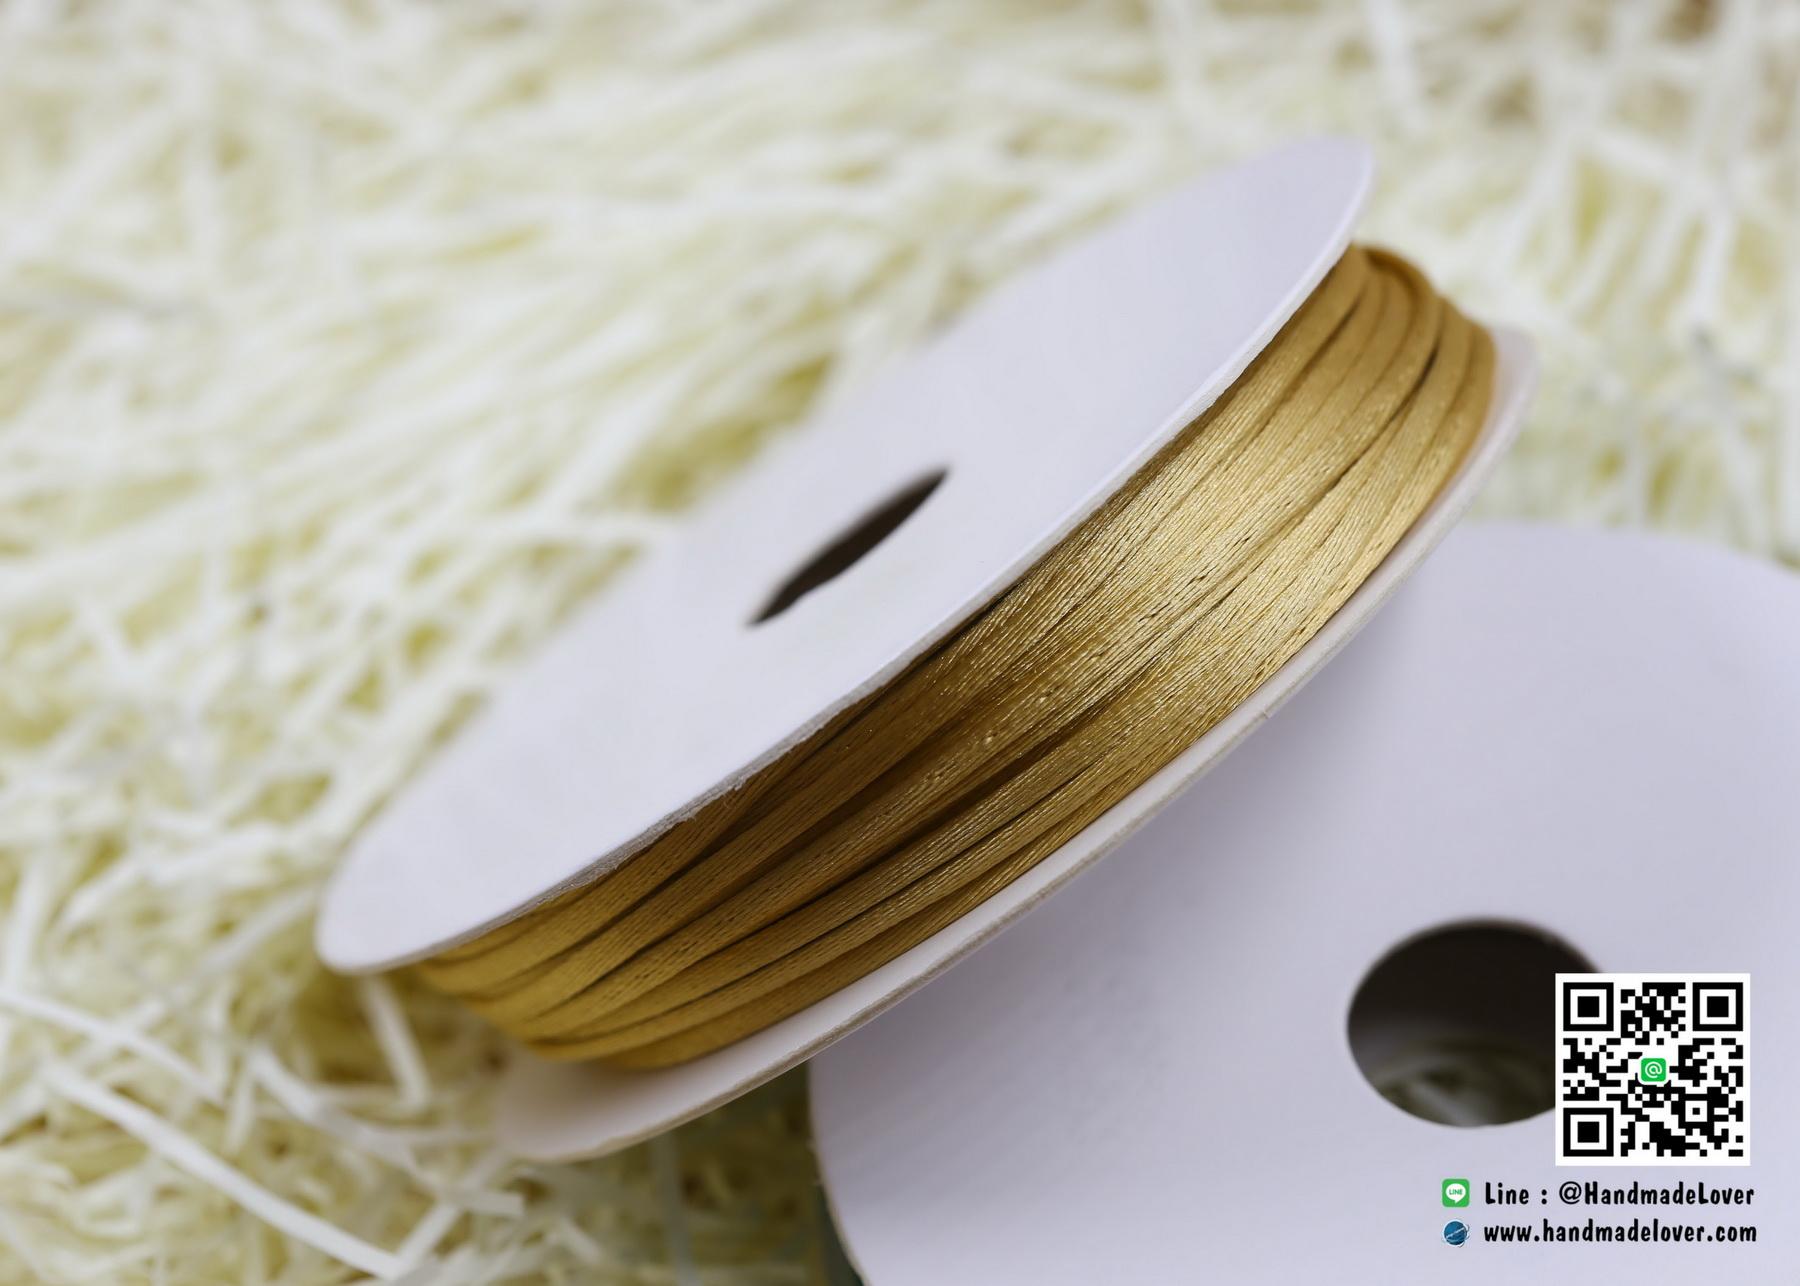 เชือกหางหนู สีทอง [36] ขนาด 2 มิล [อย่างดี เนื้อนุ่ม]